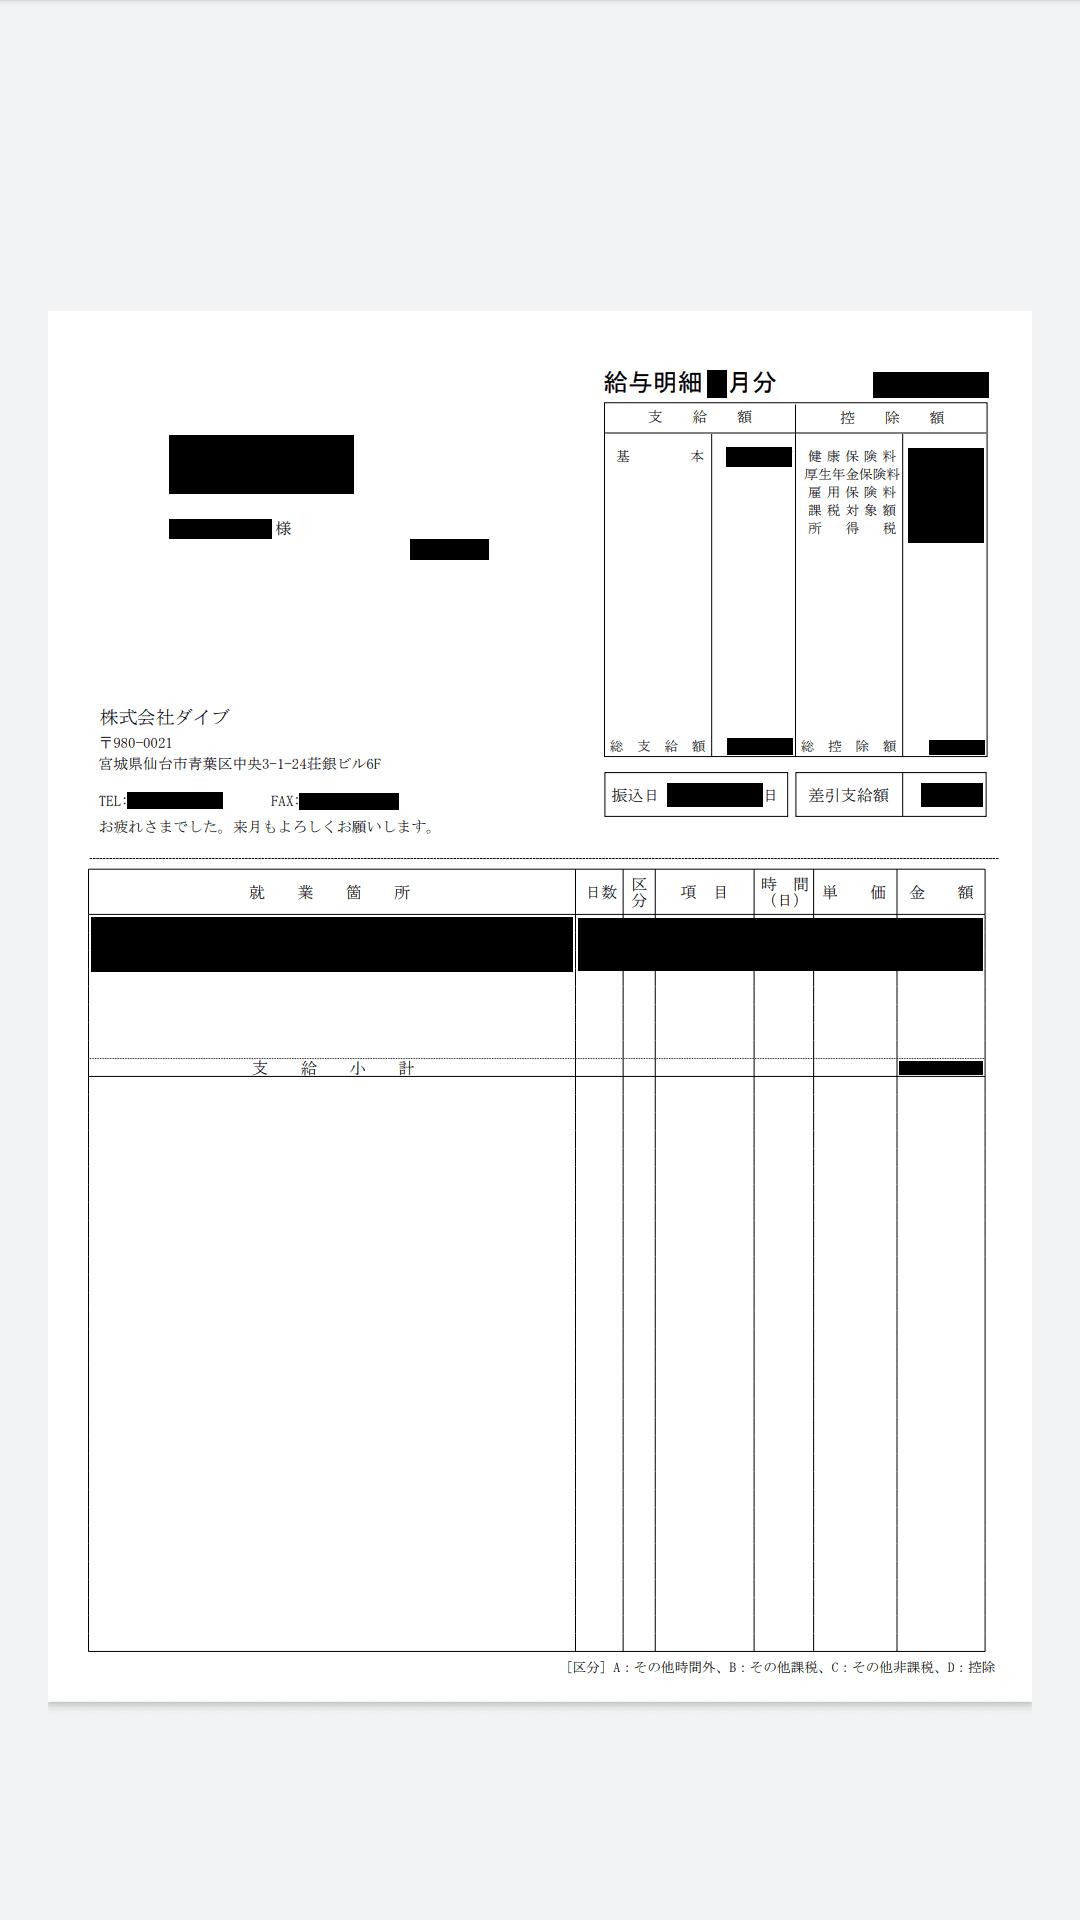 株式会社ダイブ WEB登録